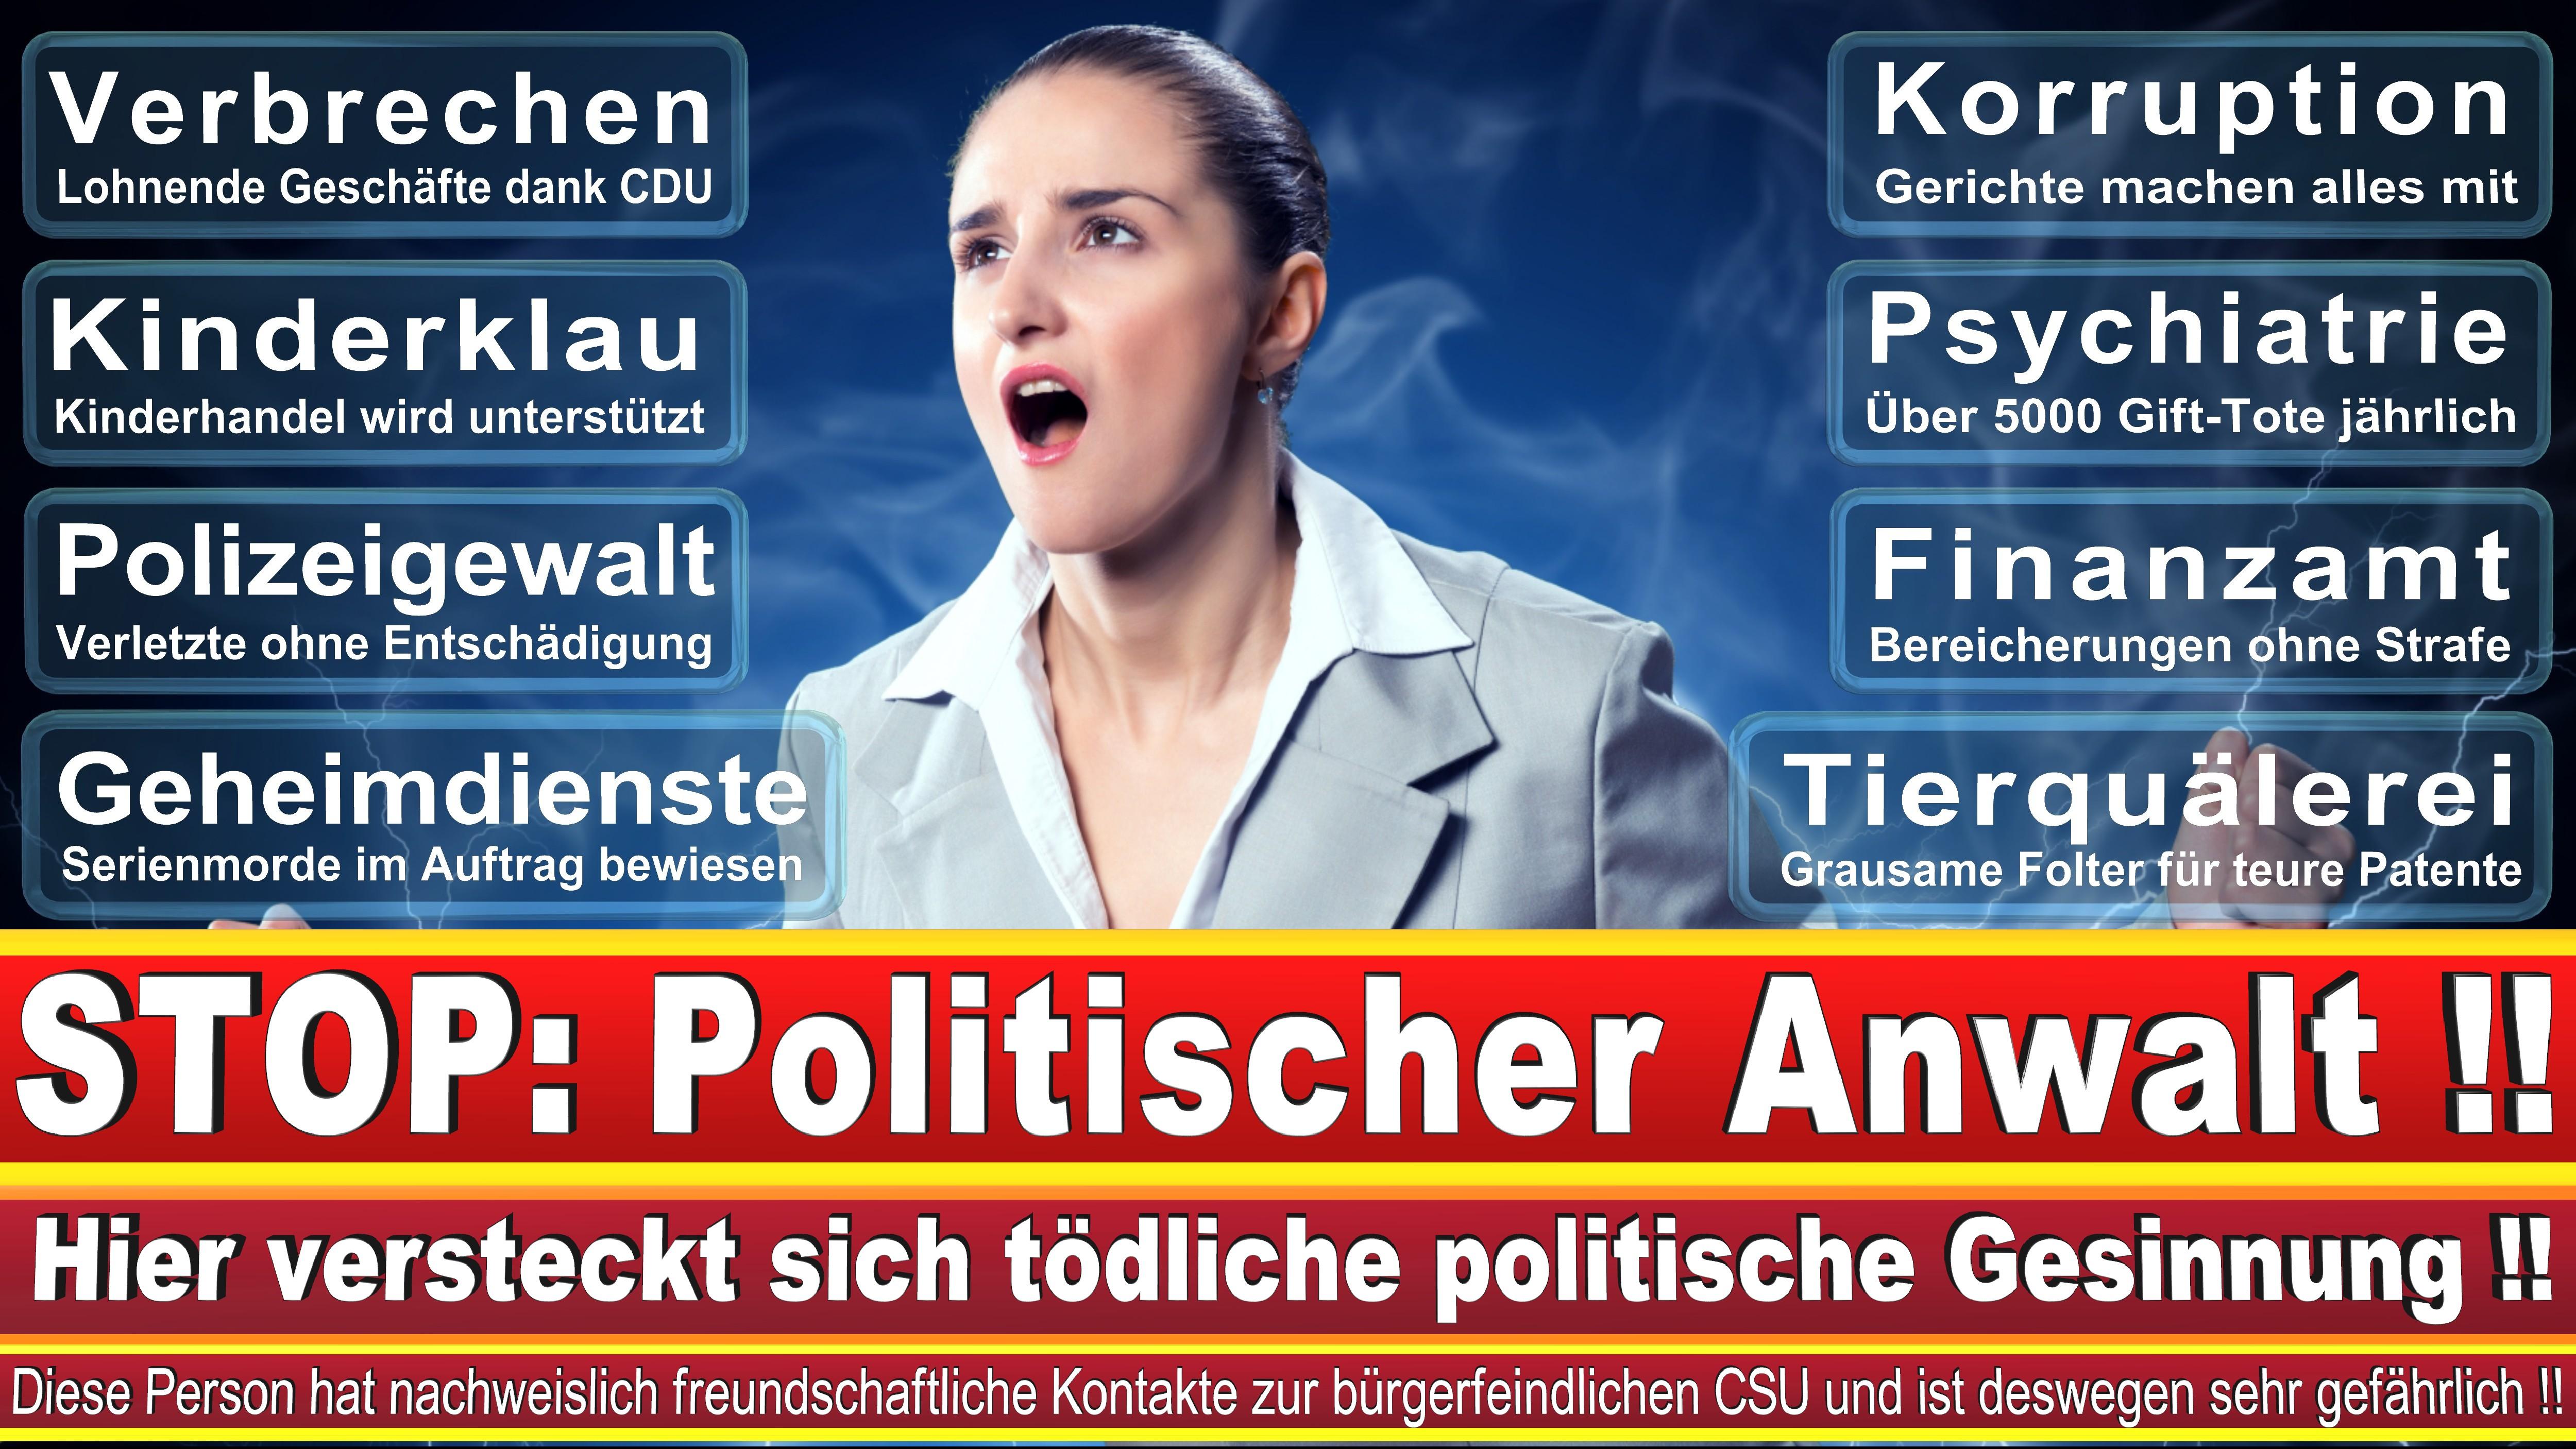 Rechtsanwalt Dr Ingo Mehner München Neuendettelsau Abteilung Grundbesitz Rechtsanwalt 1